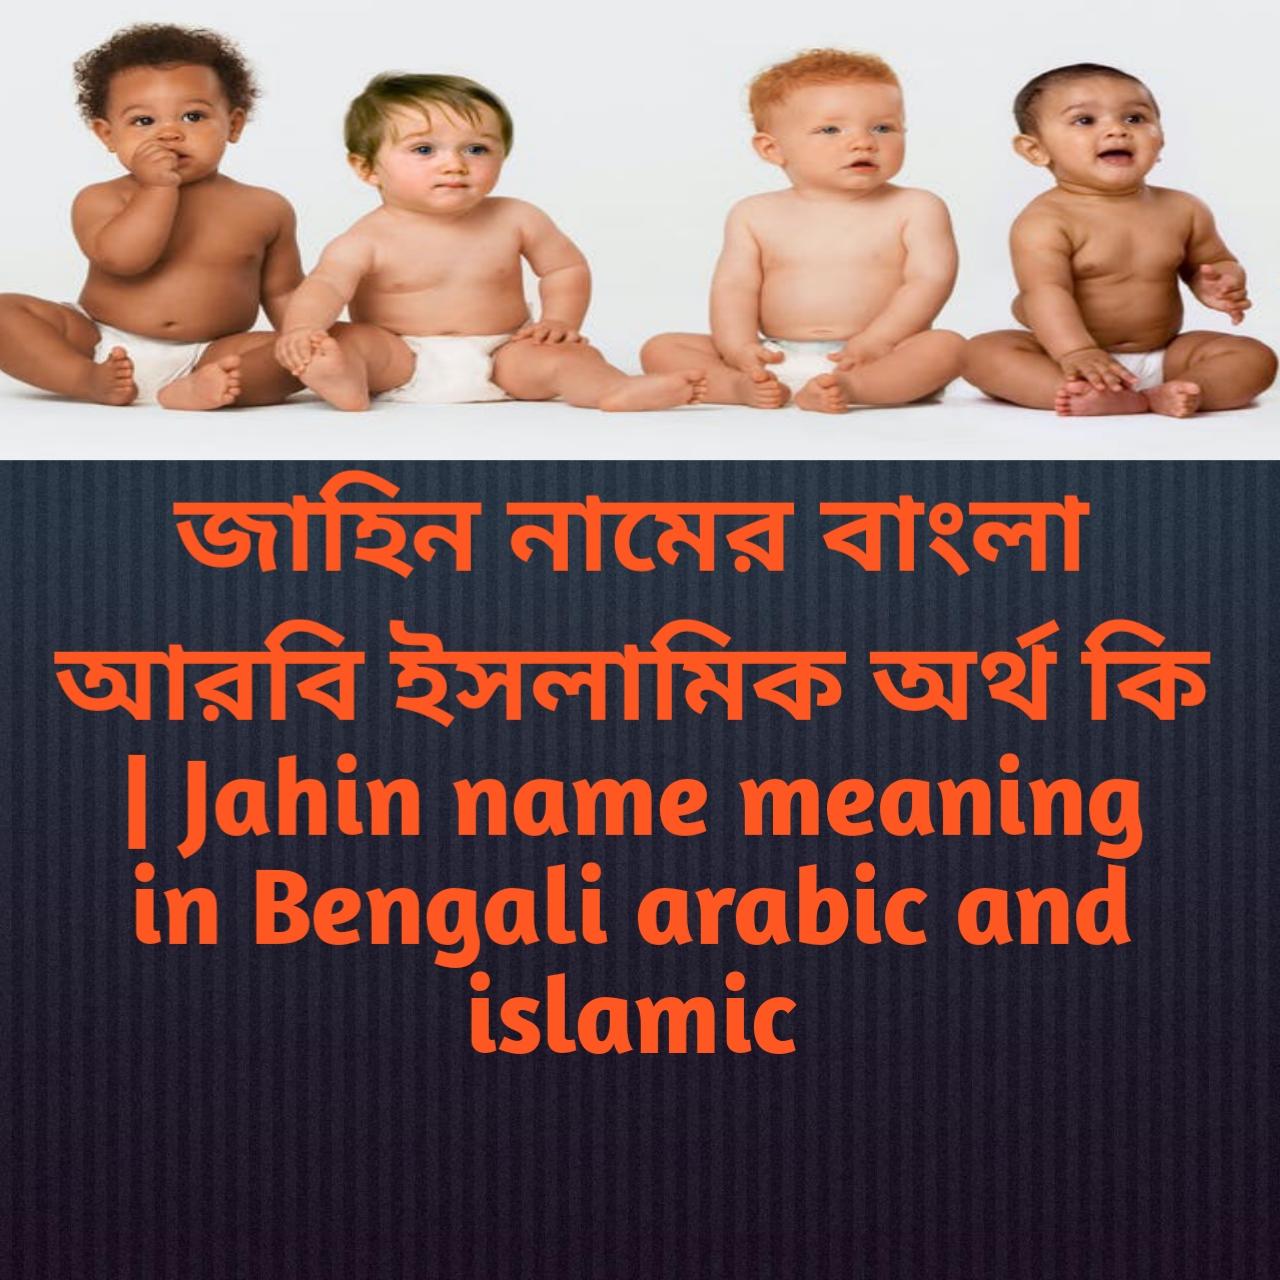 জাহিন নামের অর্থ কি, জাহিন নামের বাংলা অর্থ কি, জাহিন নামের ইসলামিক অর্থ কি, Jahin name meaning in Bengali, জাহিন কি ইসলামিক নাম,